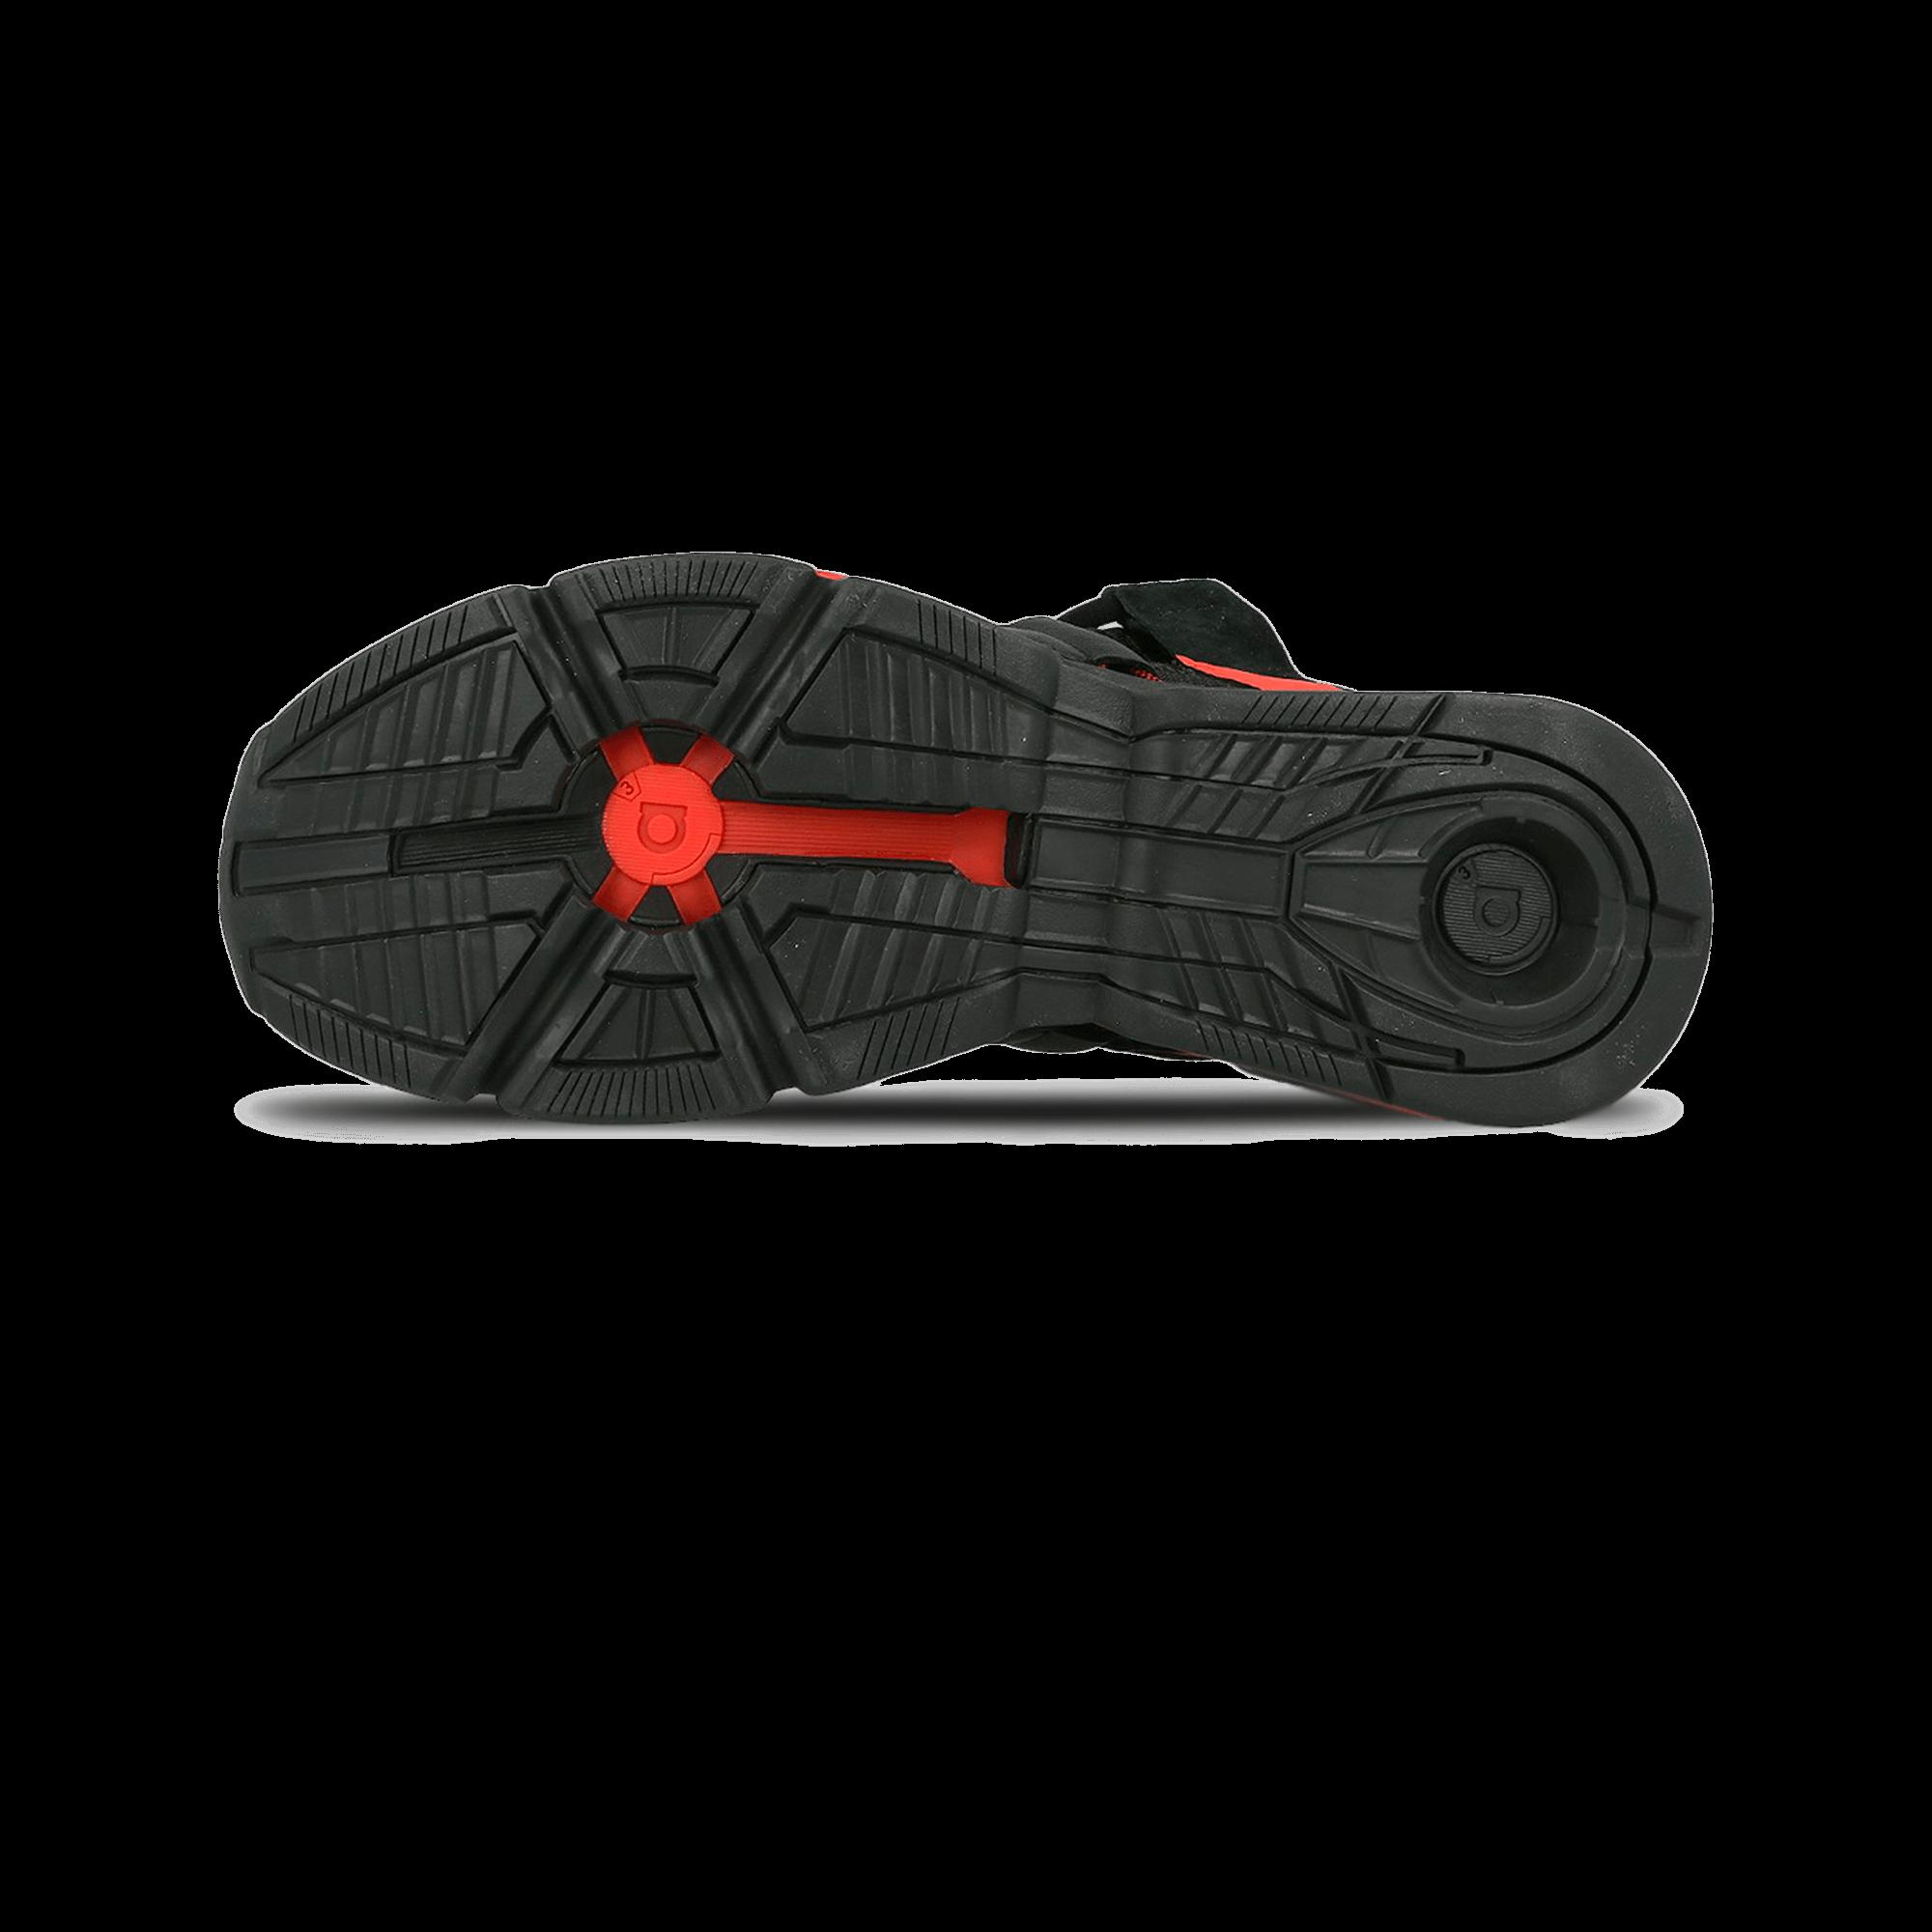 Twinstrike ADV black / red